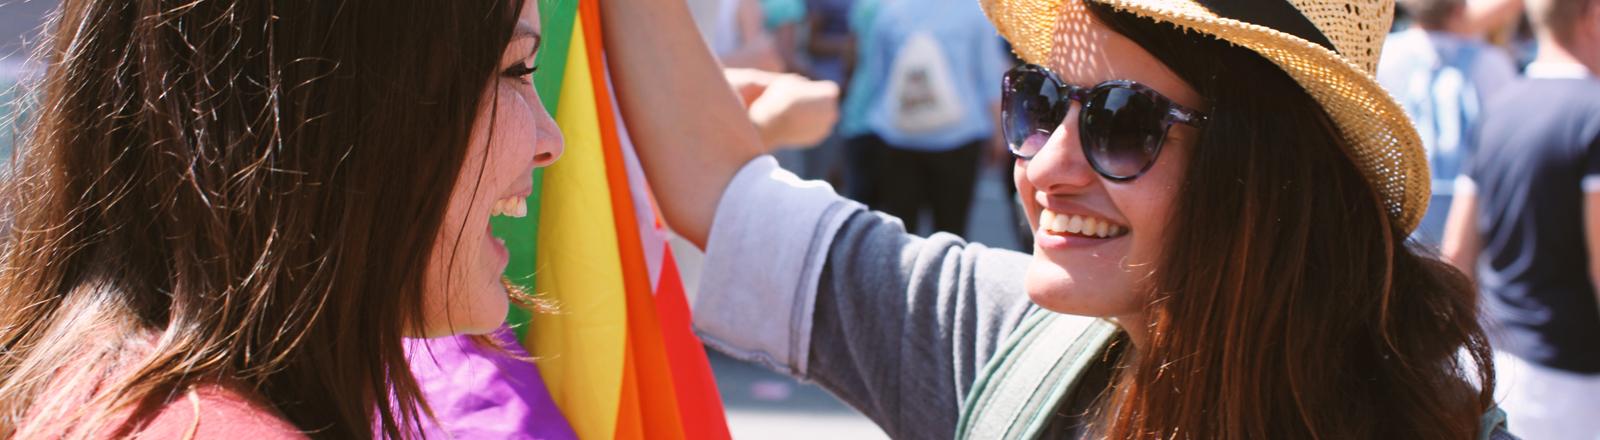 Zwei Frauen auf einer Gaypride.